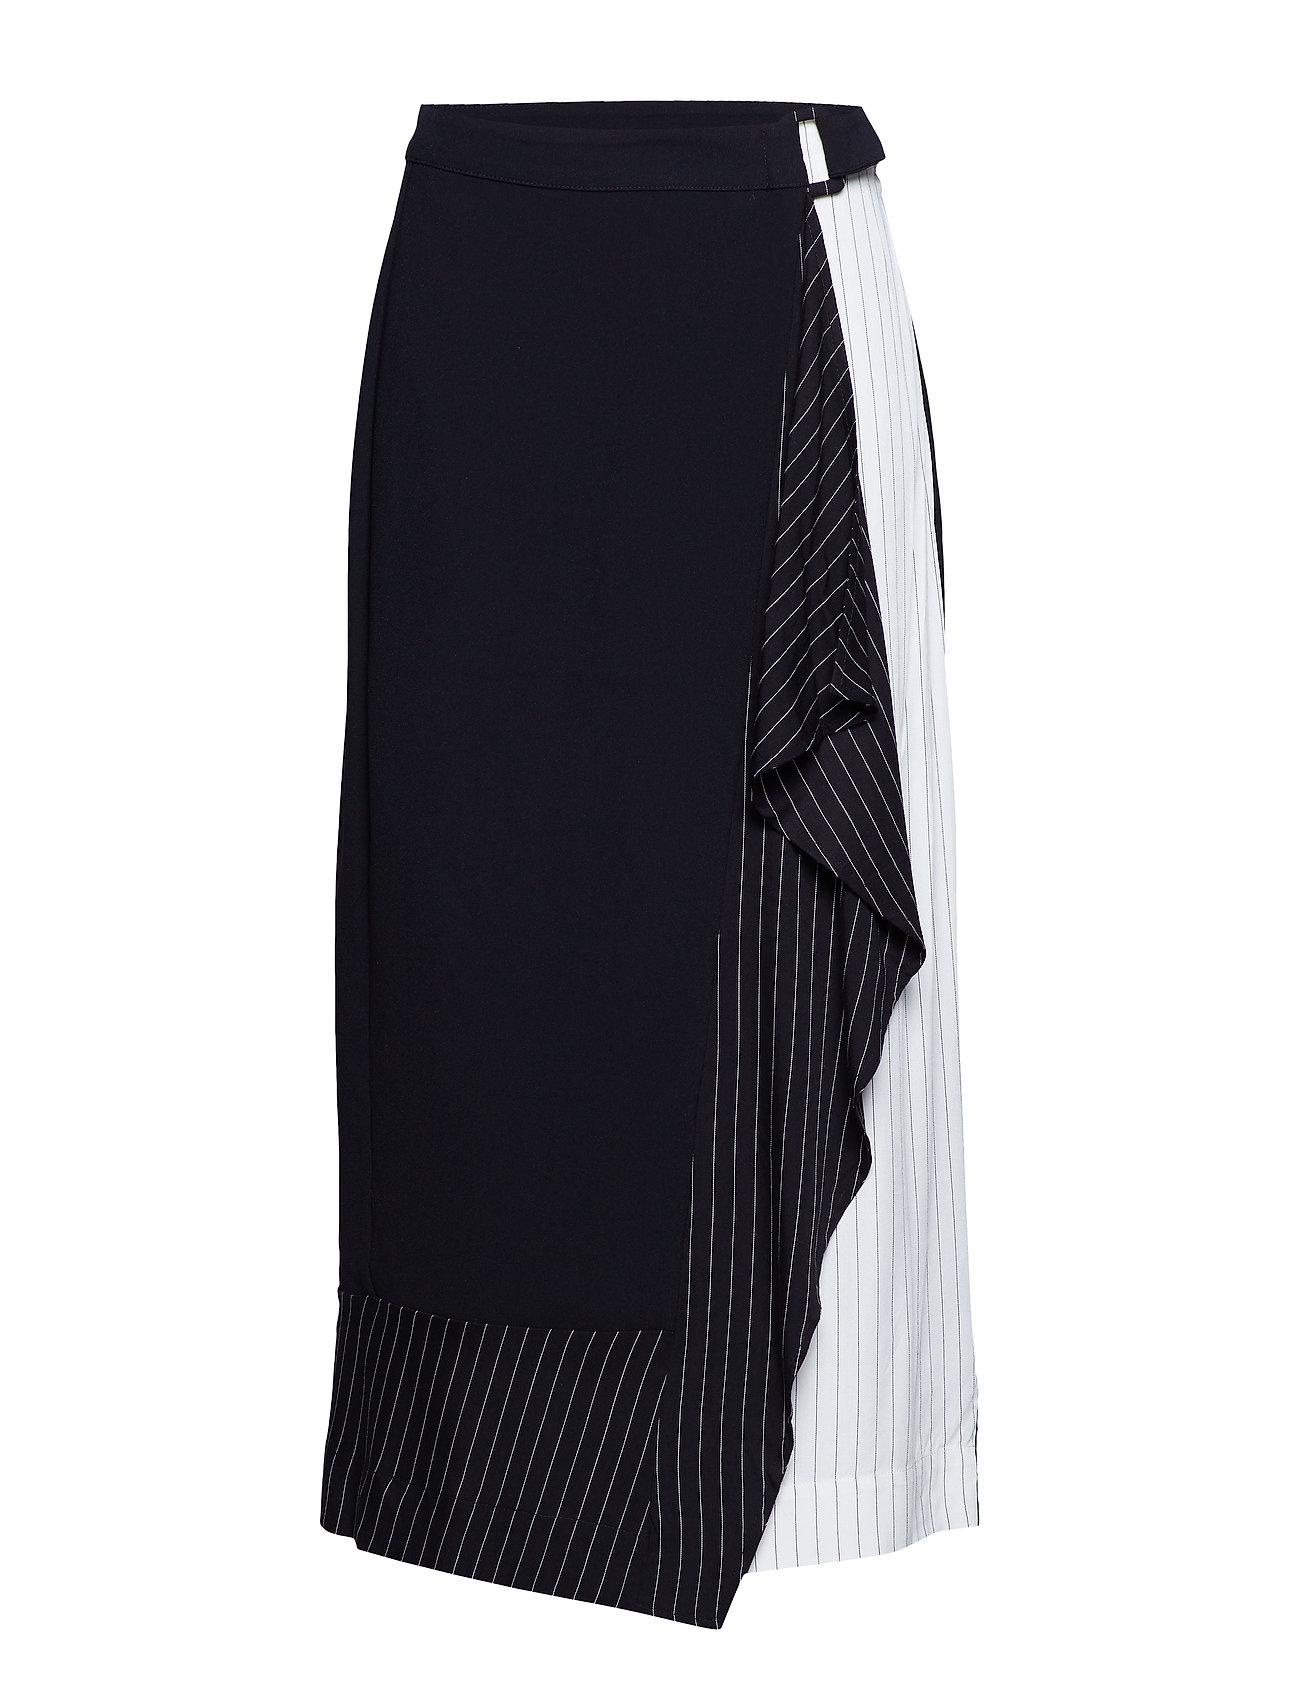 InWear Hope Skirt - BLACK AND WHITE